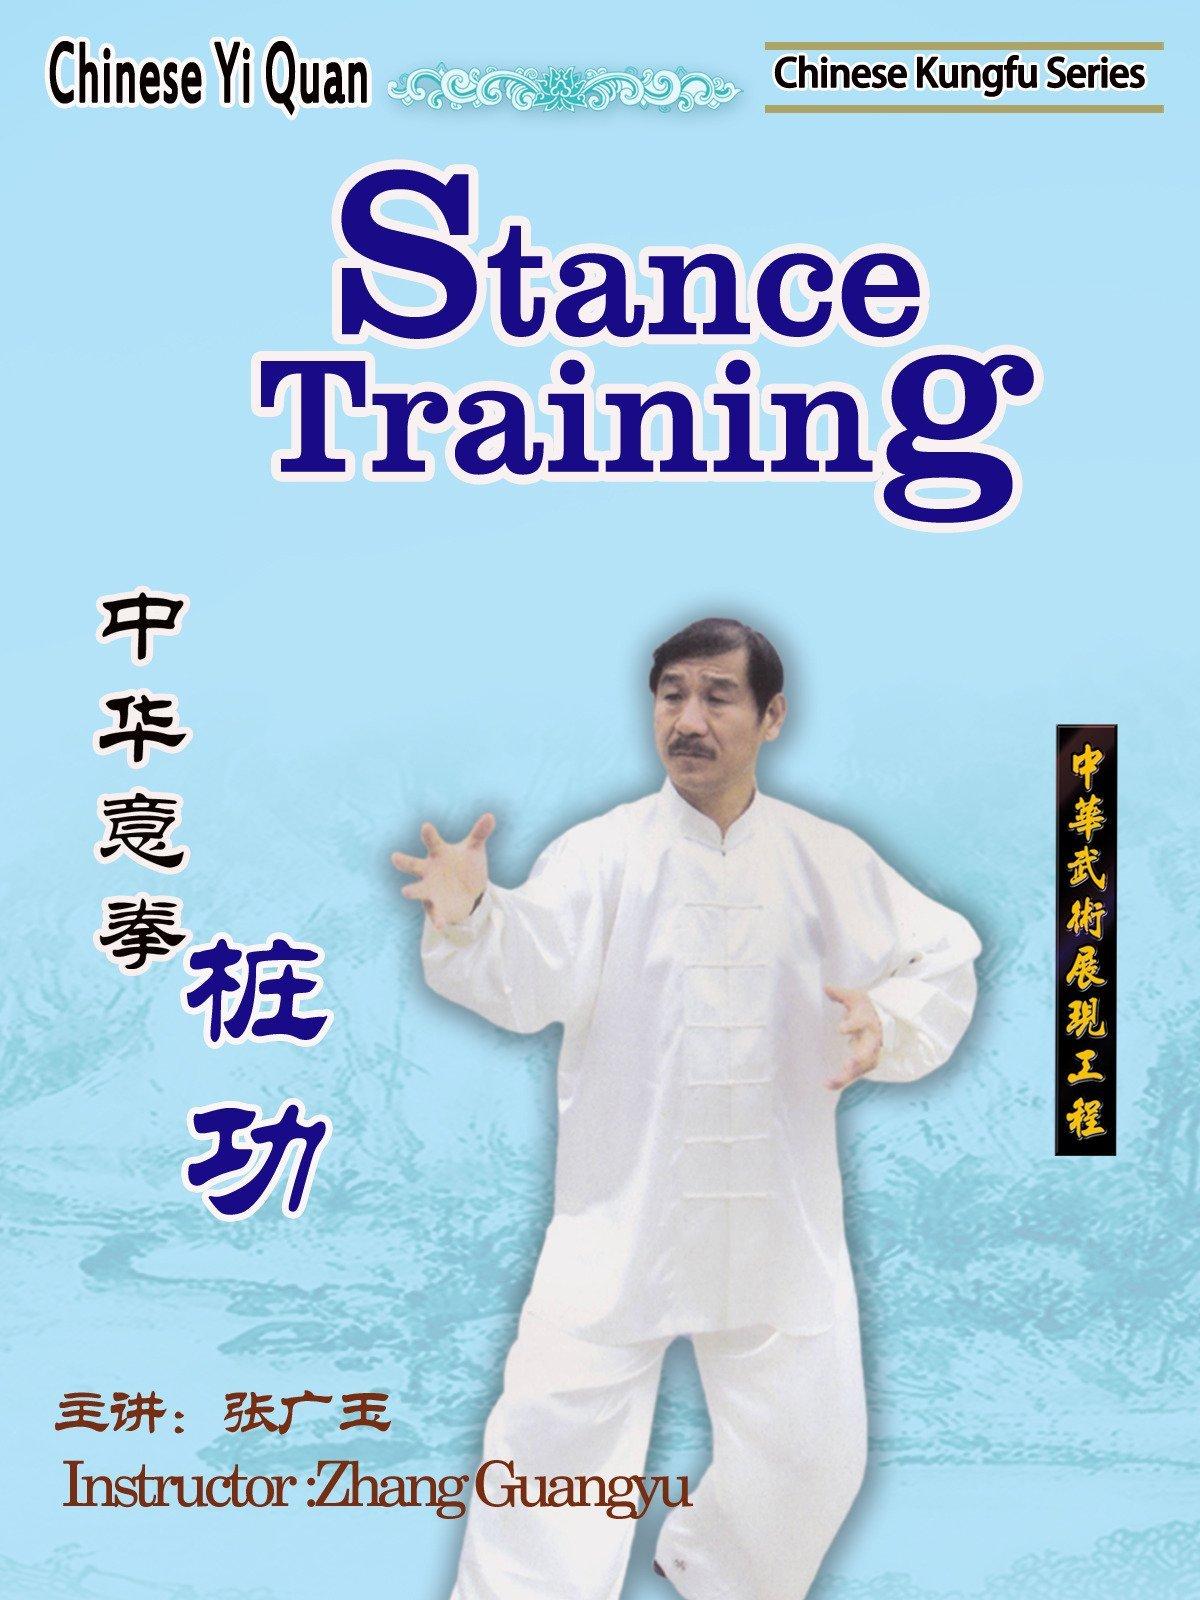 Chinese Yi Quan-Stance Training(Instructor :Zhang Guangyu)